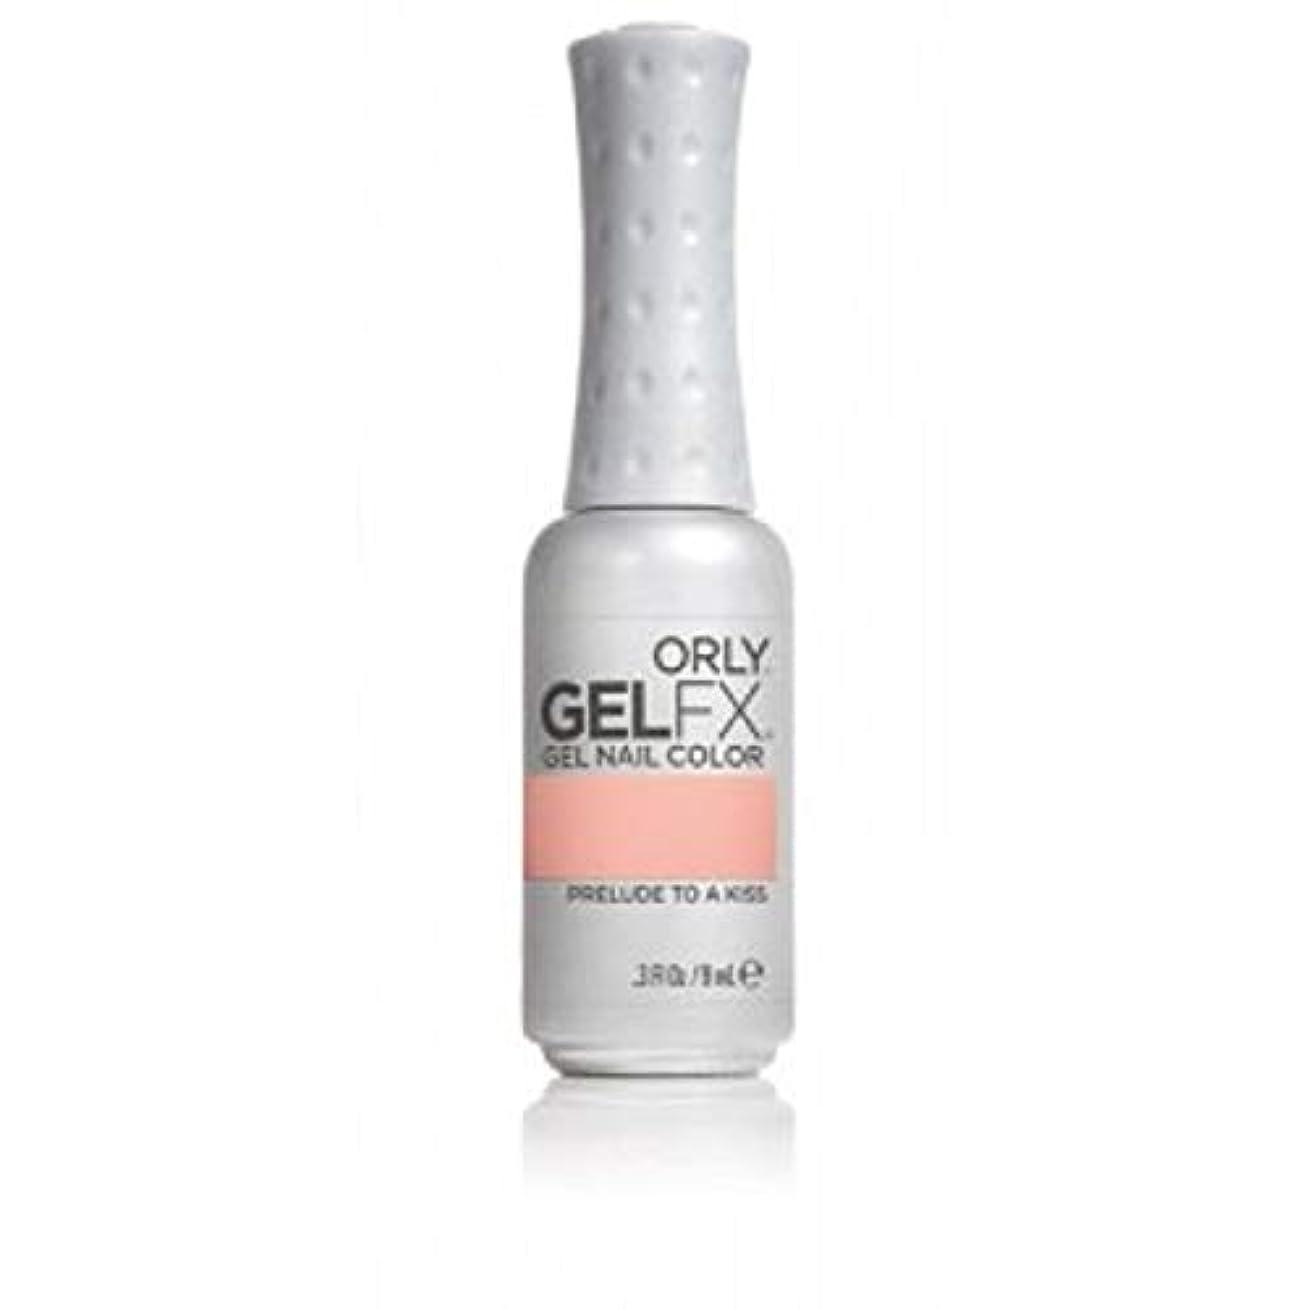 一致する幸運小人Orly GelFX Gel Polish - Prelude to a Kiss - 0.3oz/9ml